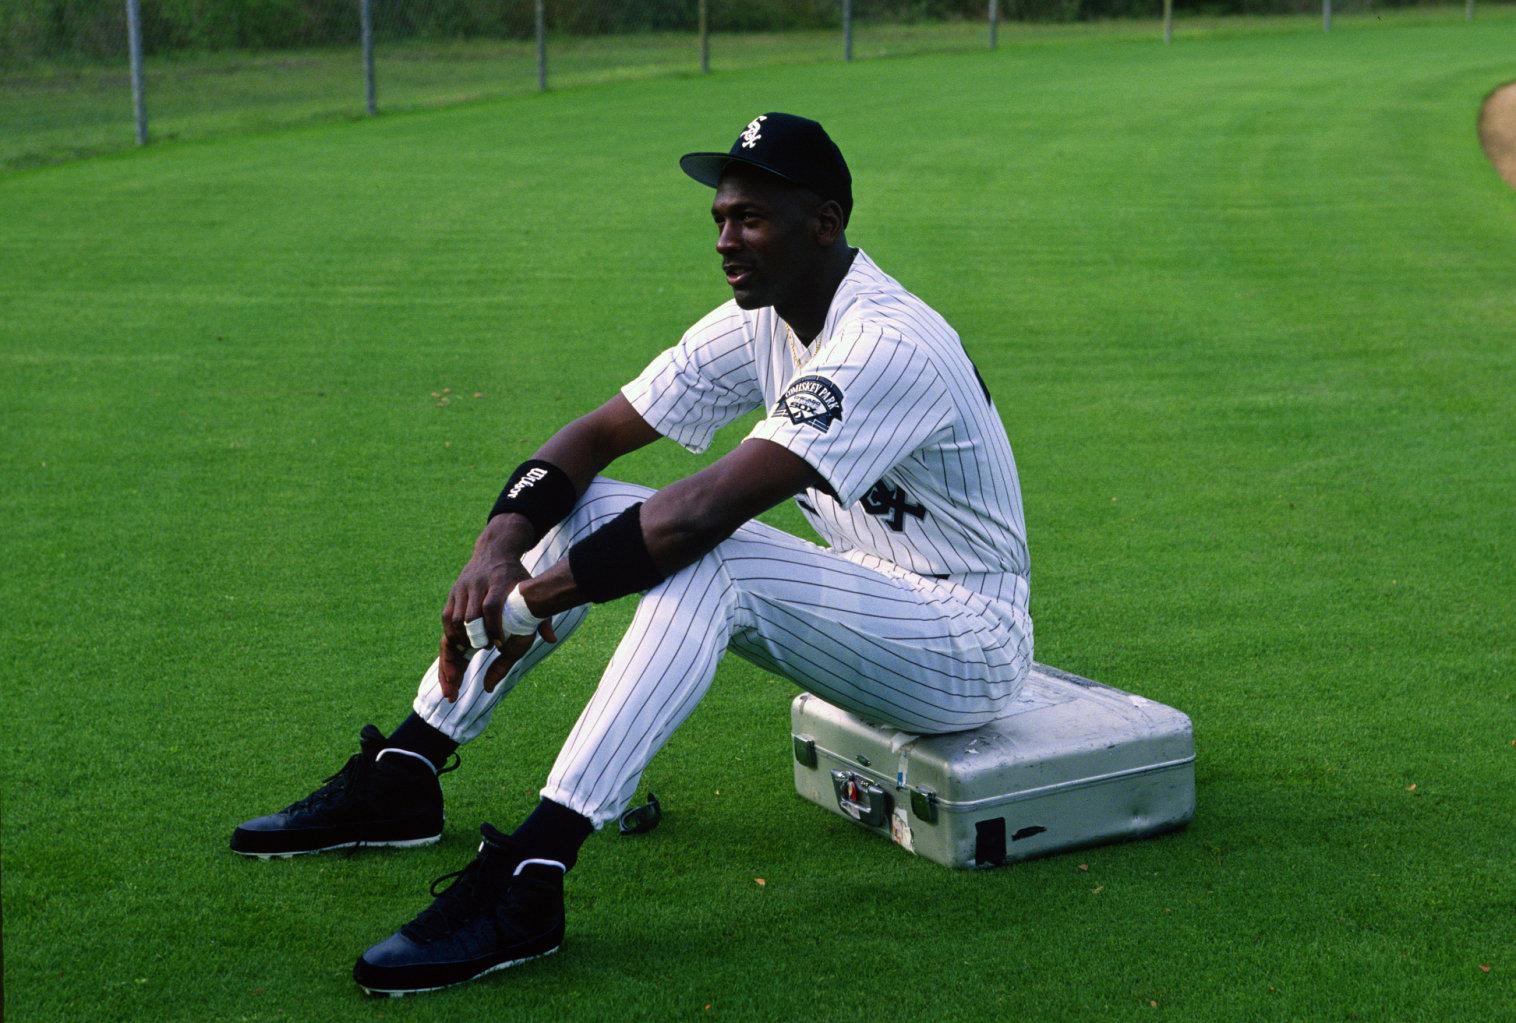 3b24a63019b1 Flashback    Michael Jordan in the Air Jordan IX PE Baseball Cleat ...